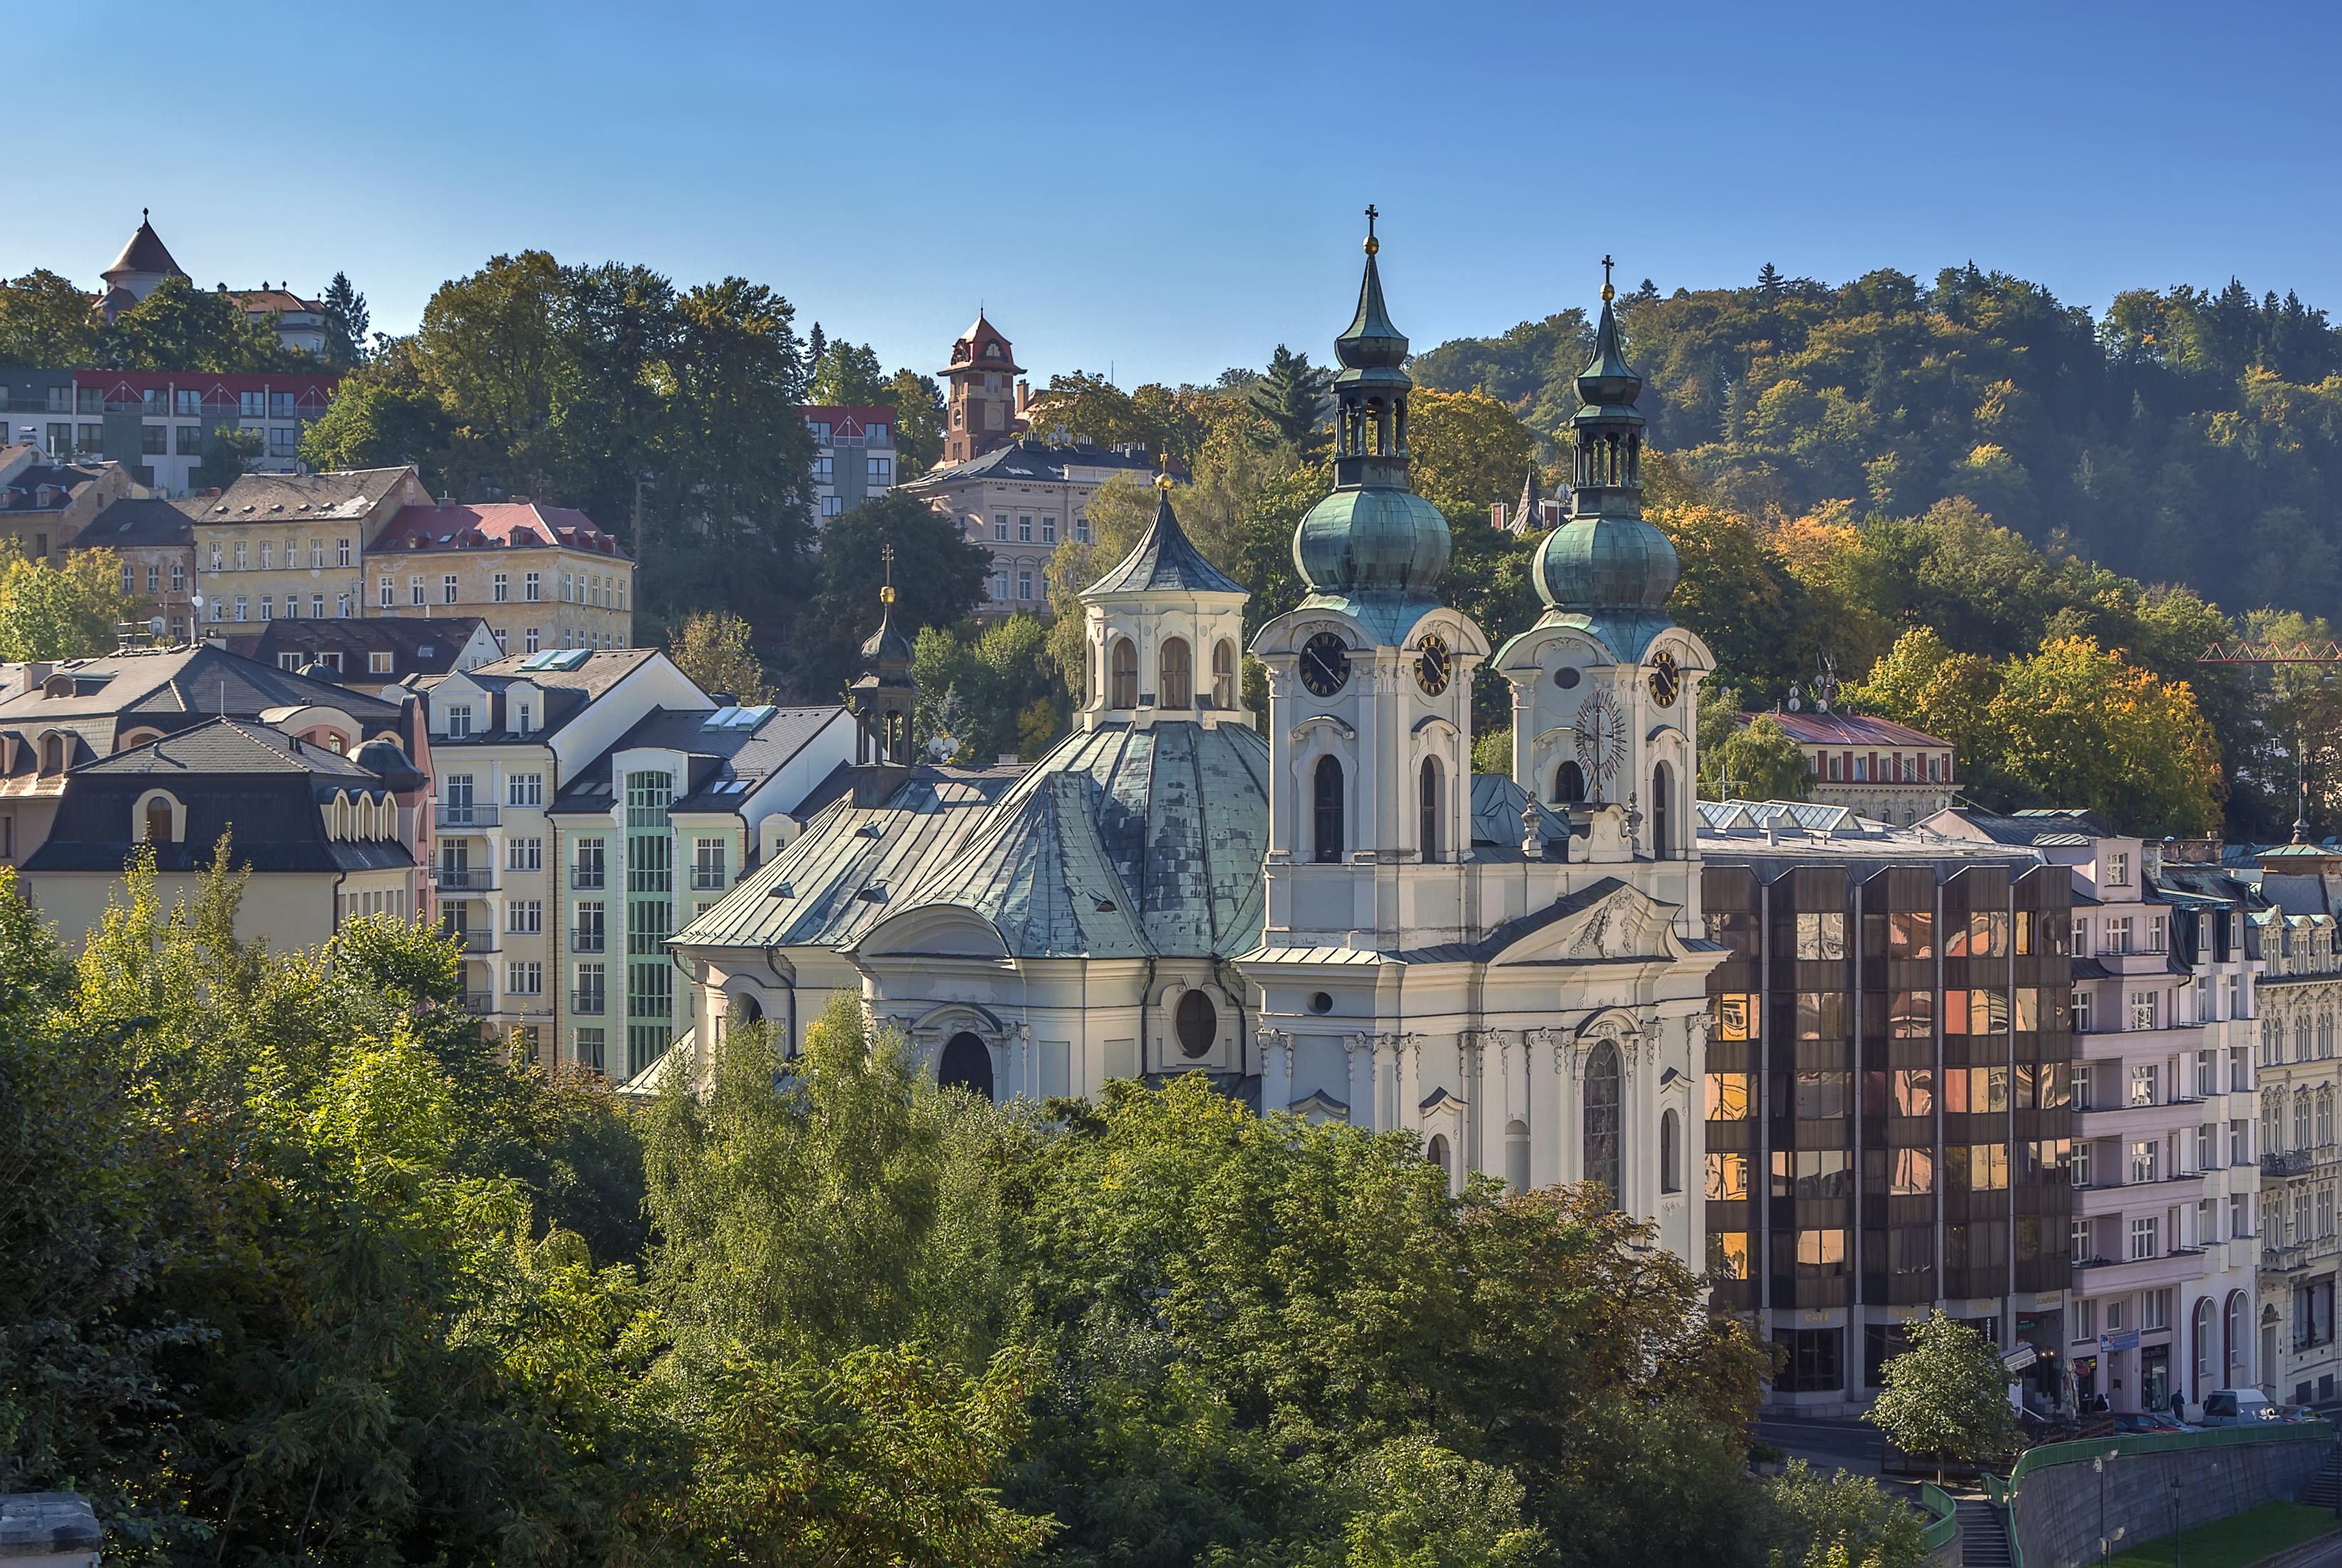 瑪利亞教堂